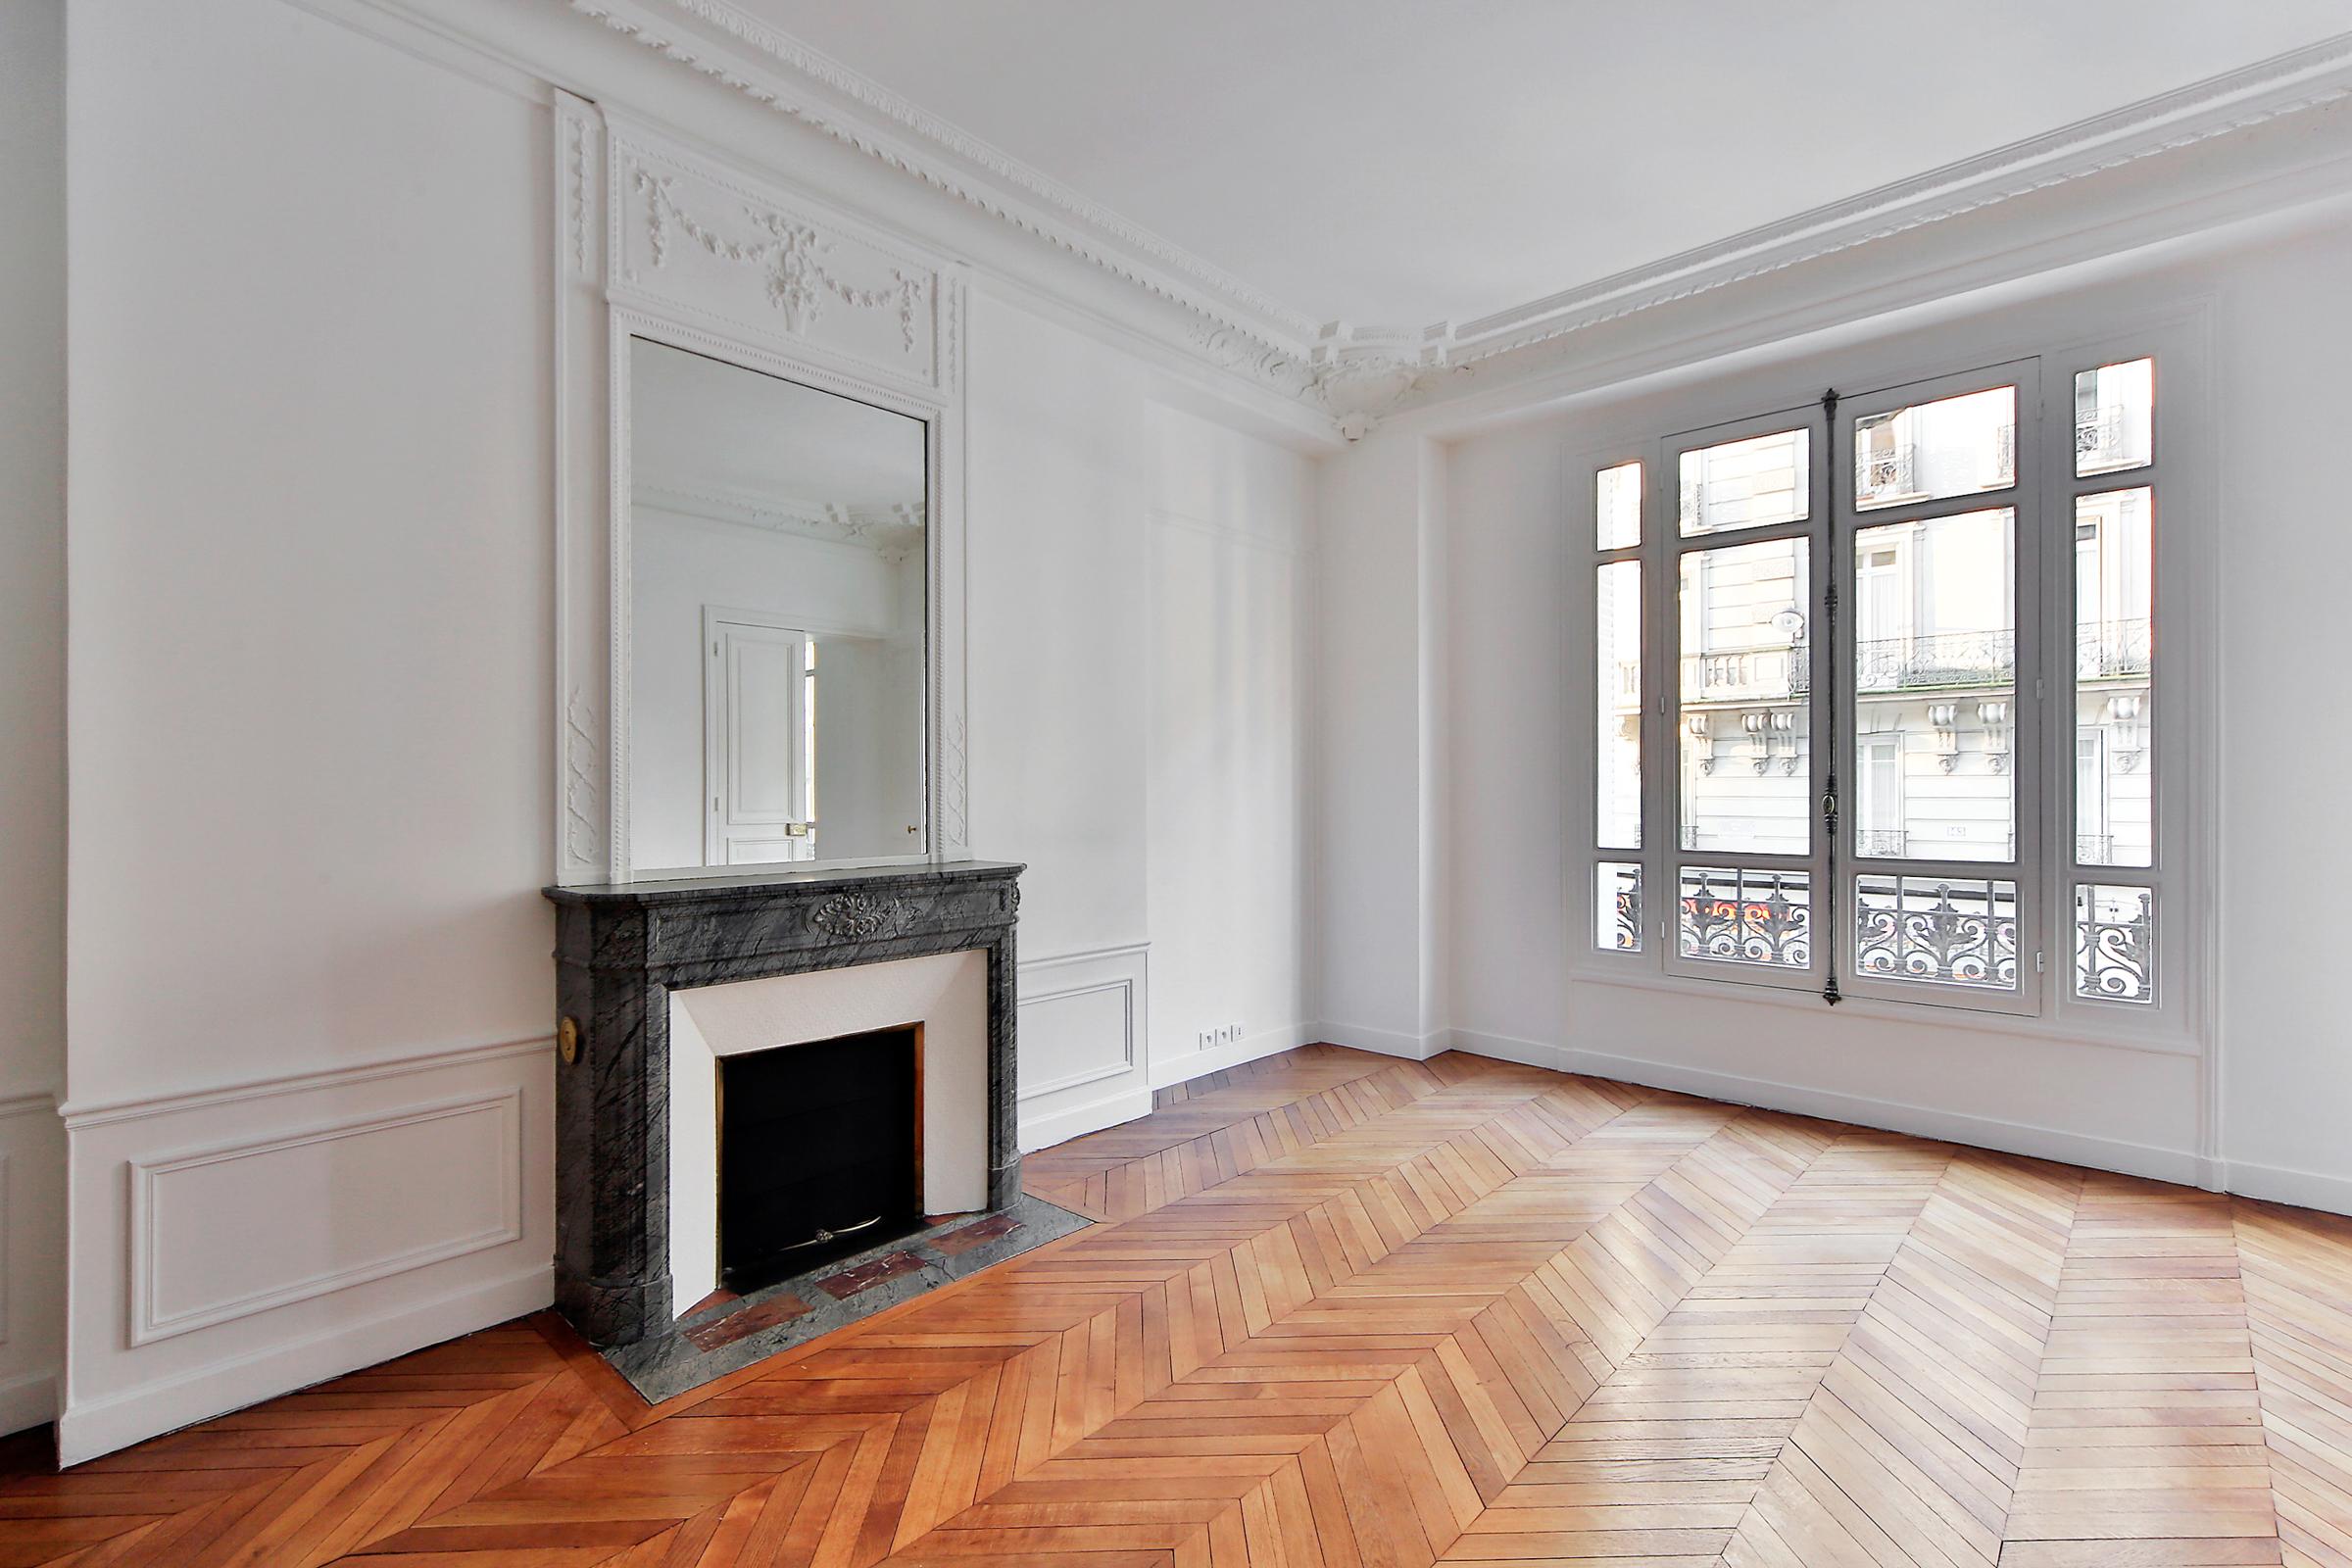 Apartment for Sale at Apartment - Courcelles Paris, Paris 75017 France